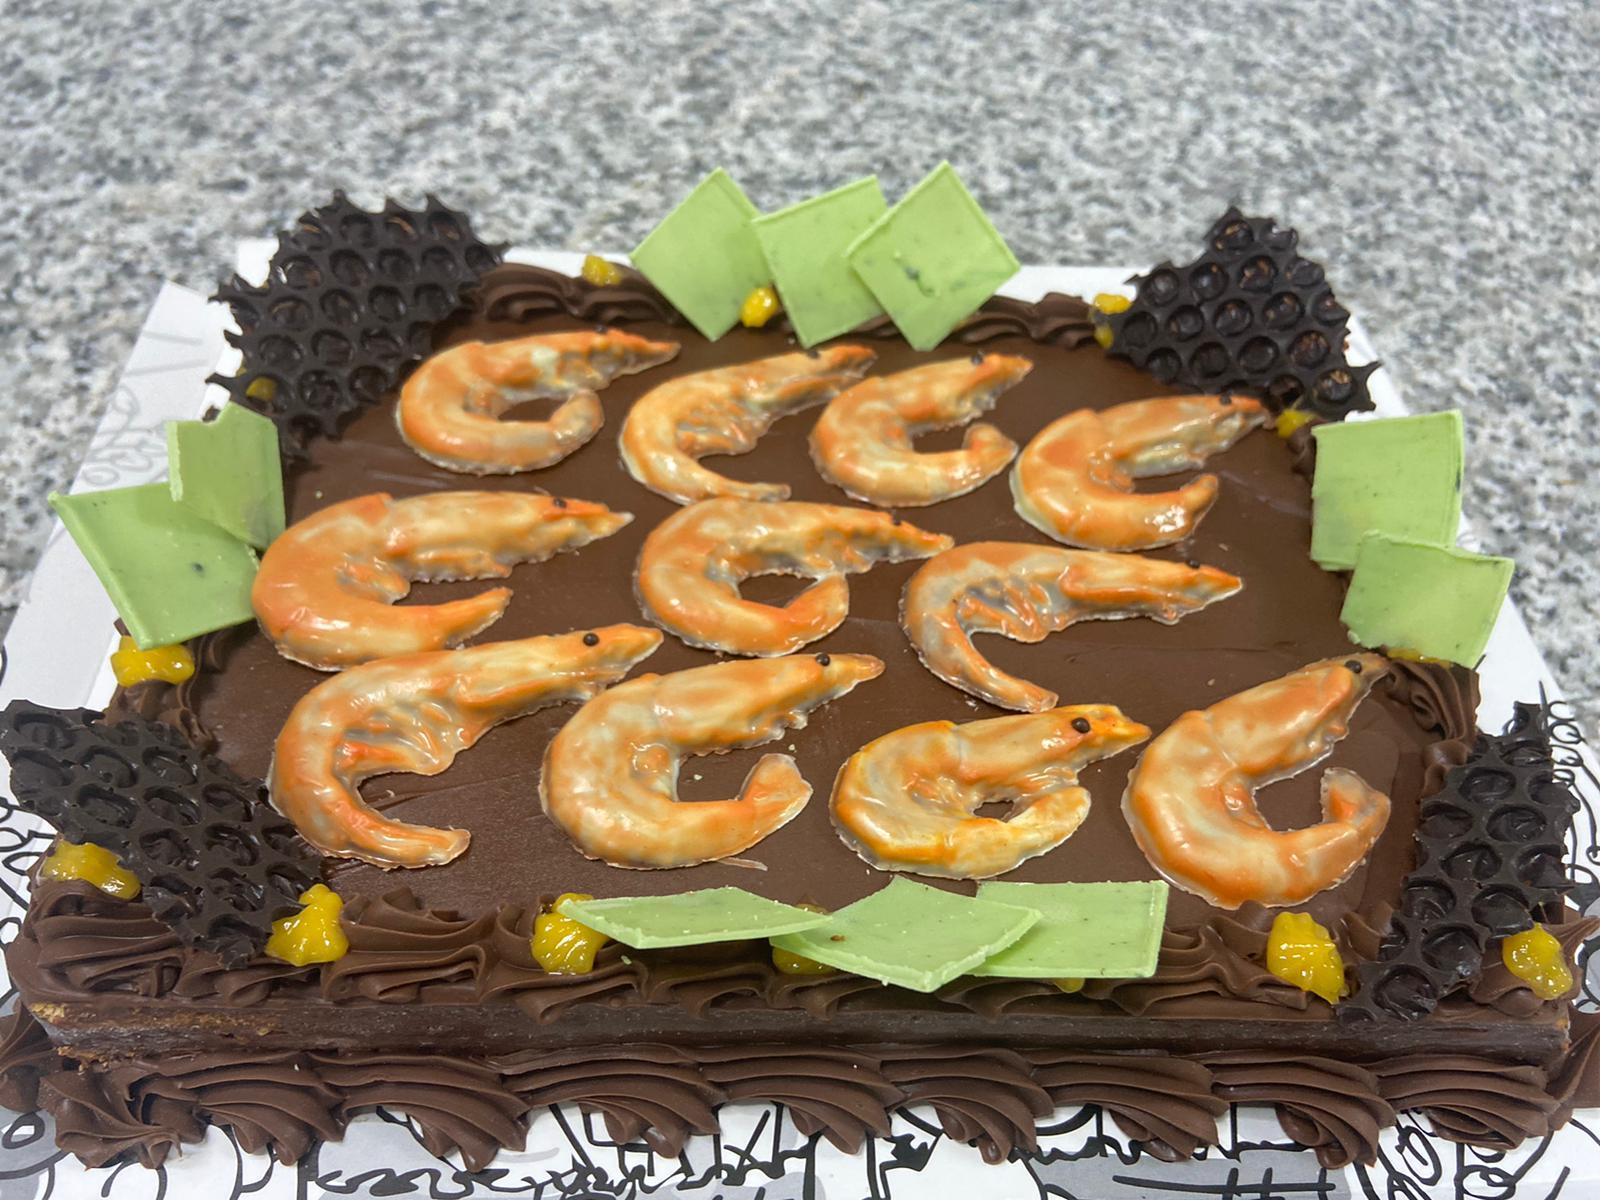 Tarta personalizada Chocolate langostinos